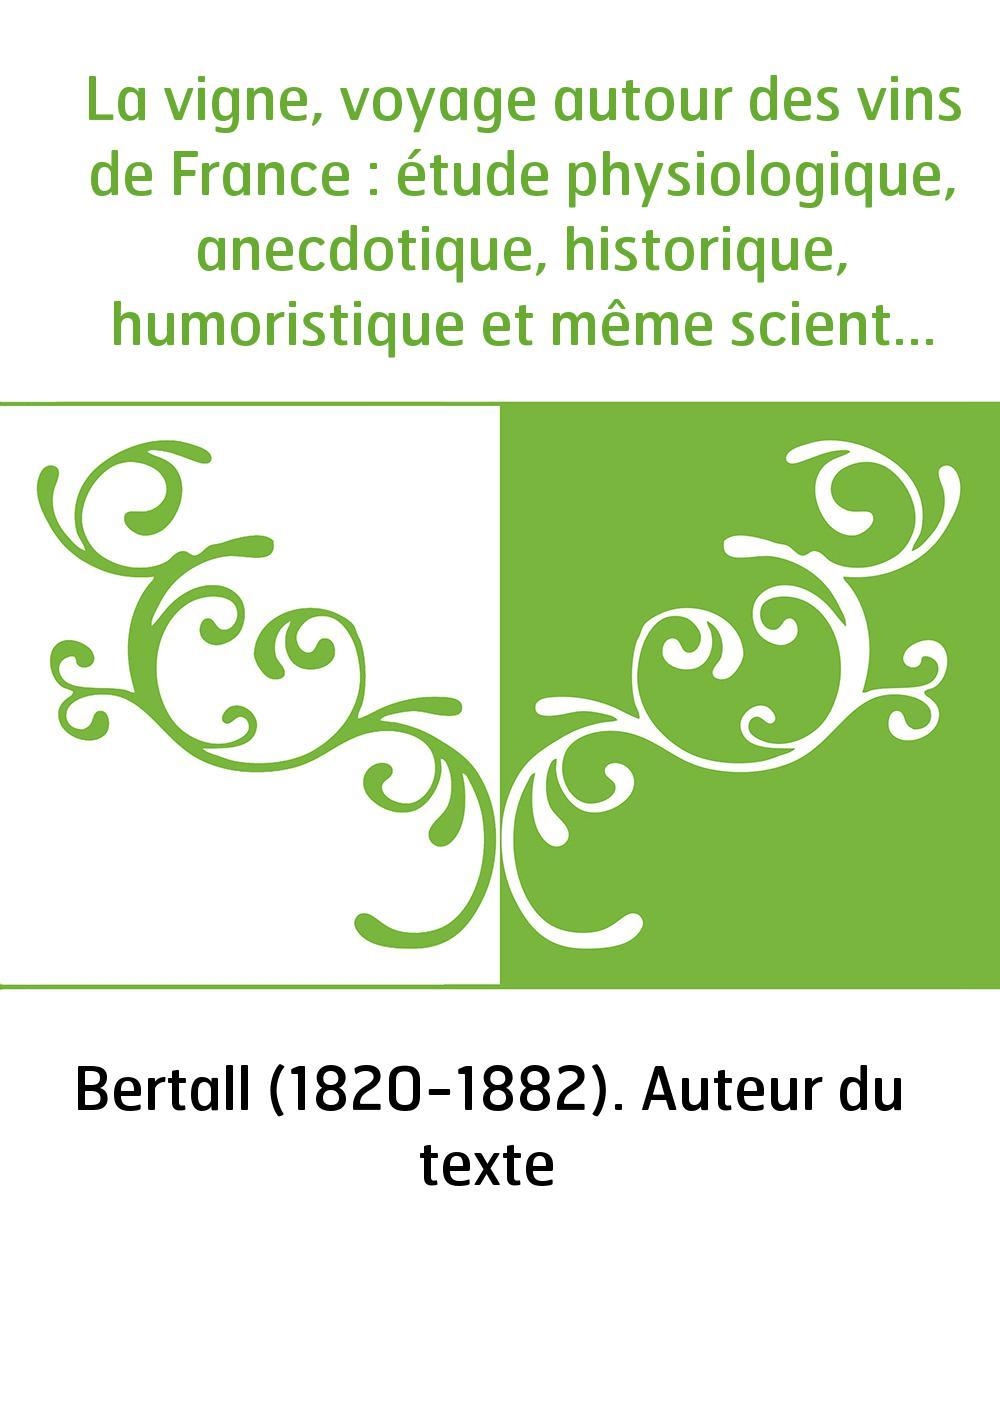 La vigne, voyage autour des vins de France : étude physiologique, anecdotique, historique, humoristique et même scientifique / p